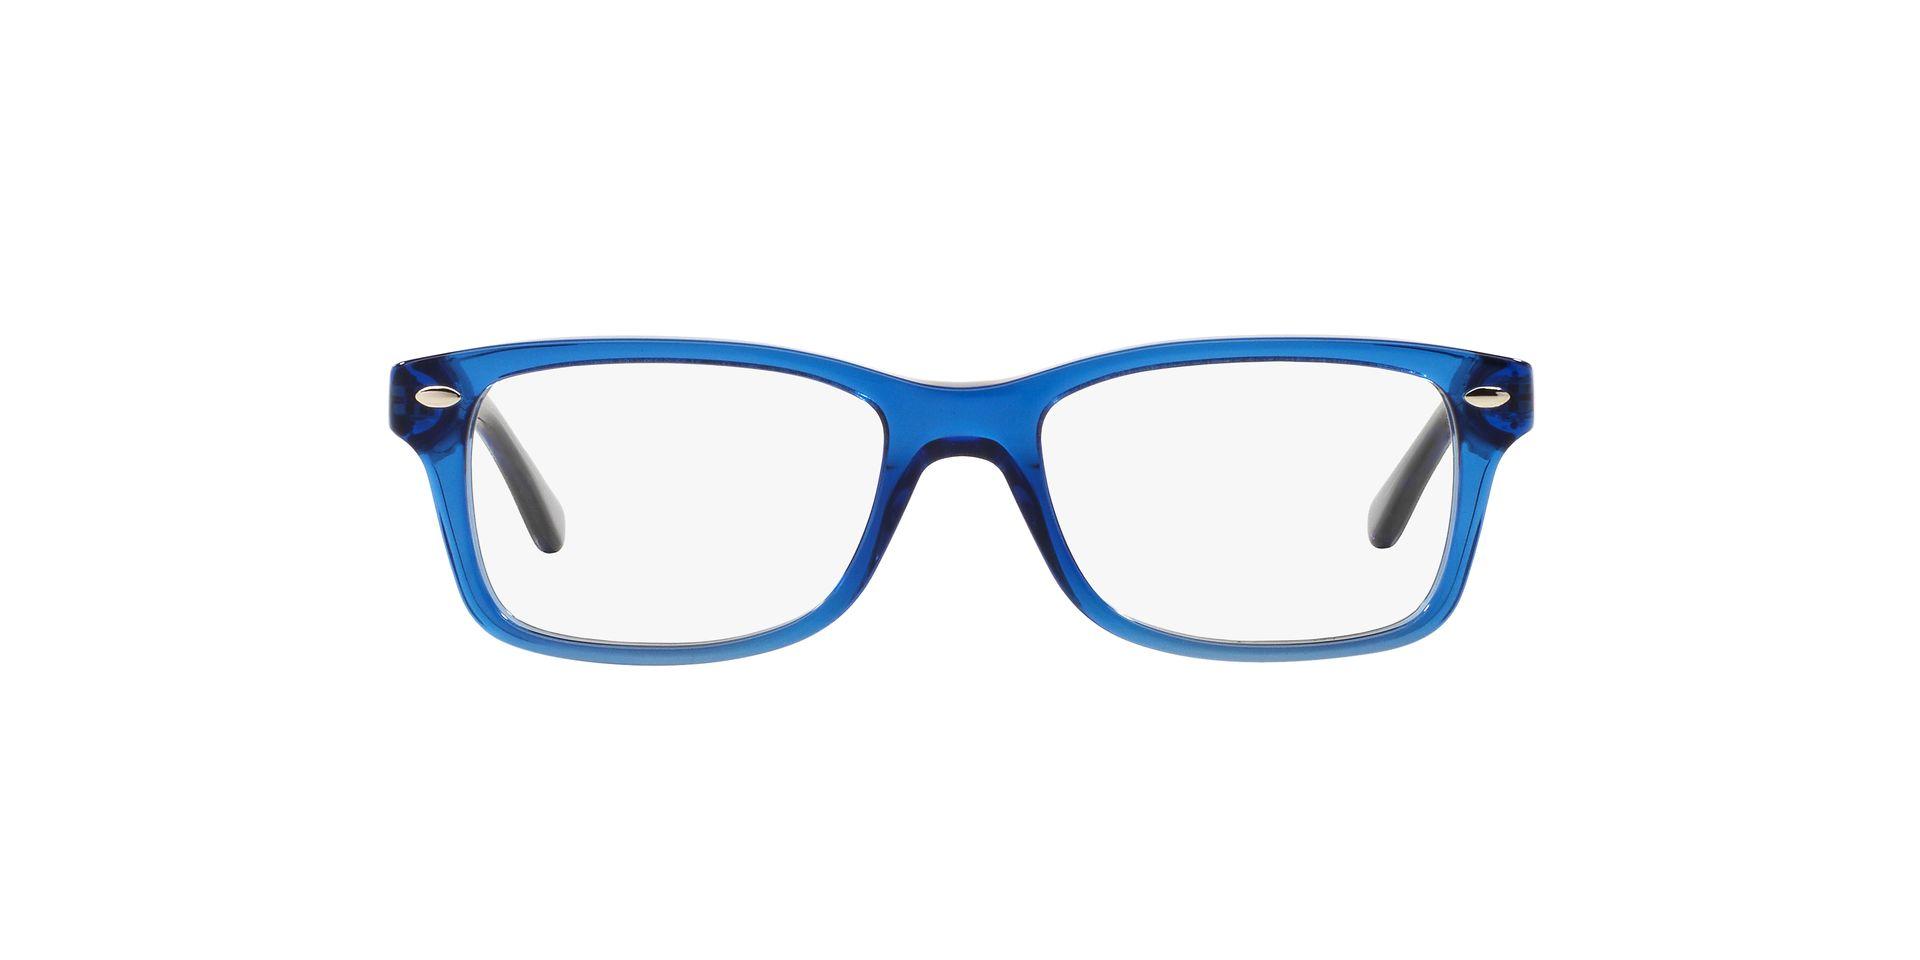 454dfca97f32e6 Brillenchic - onlineshop Berlin Ihr starker Partner für exklusive Brillen  online kaufen/Ray Ban JUNIOR RB 1531 3647 exklusiv im Brillenchic-Onlineshop